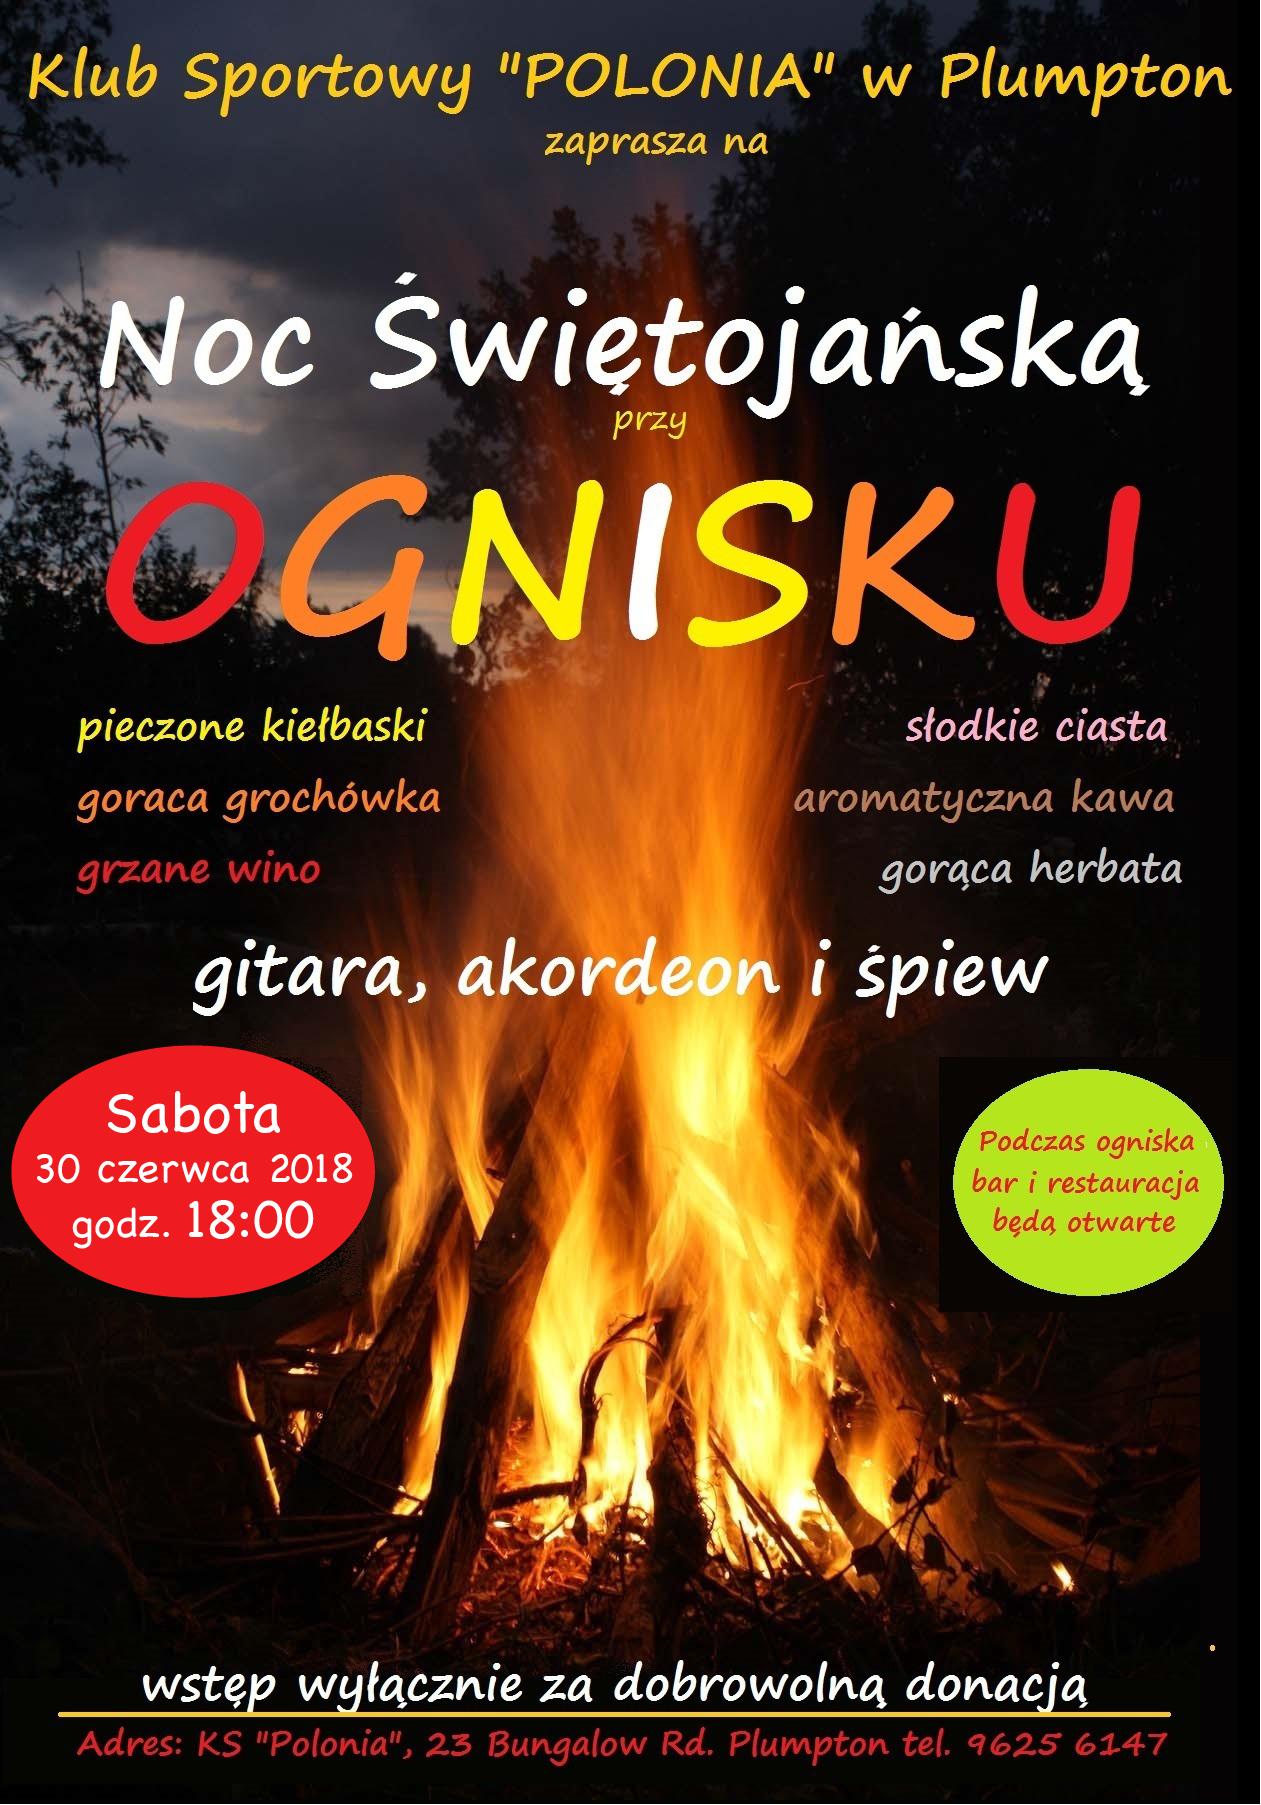 Noc Swietojanska-01